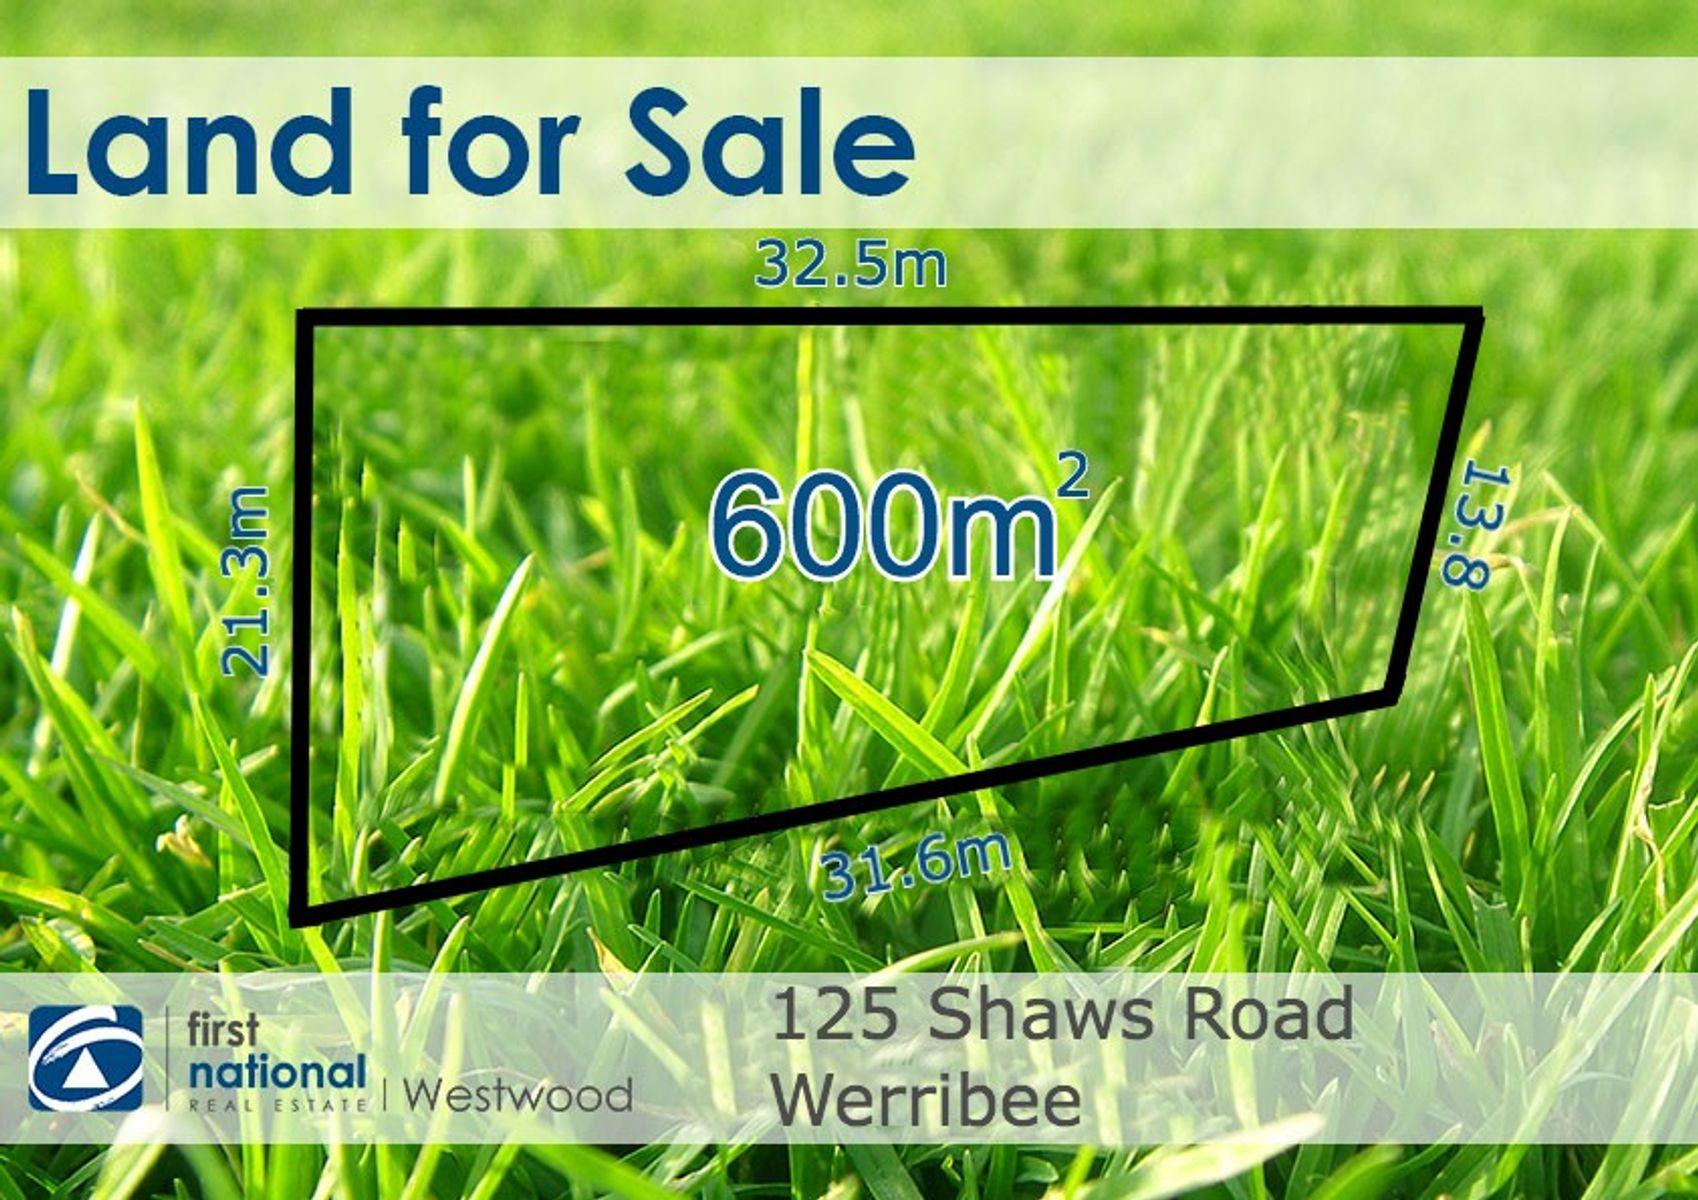 125 Shaws Road, Werribee, VIC 3030